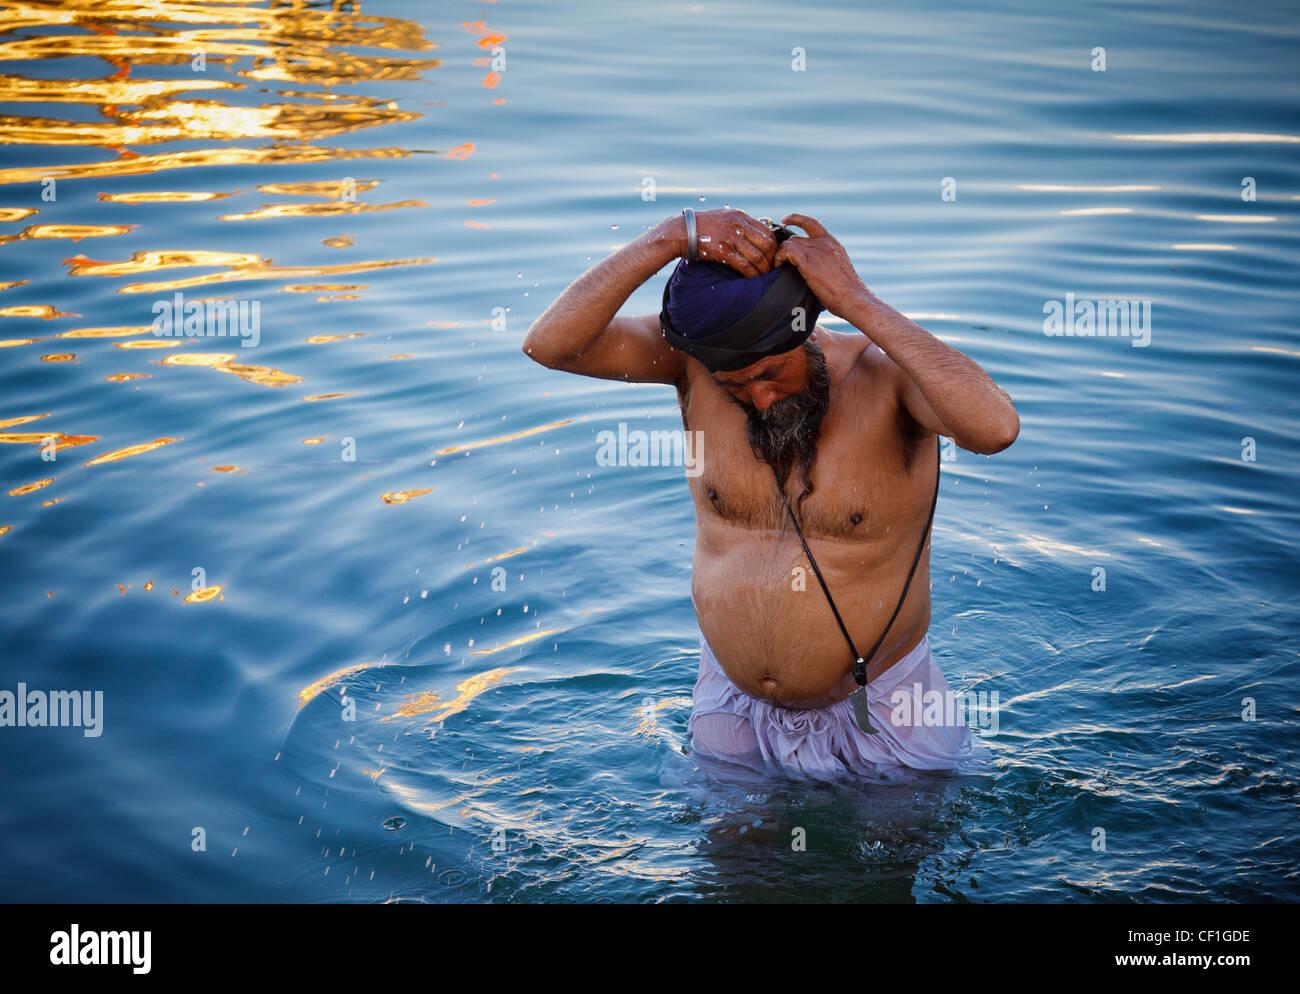 Un sij hombre toma un baño en el Amrit Sarovar, la piscina que rodea el Templo de Oro de Amritsar, Punjab, Imagen De Stock